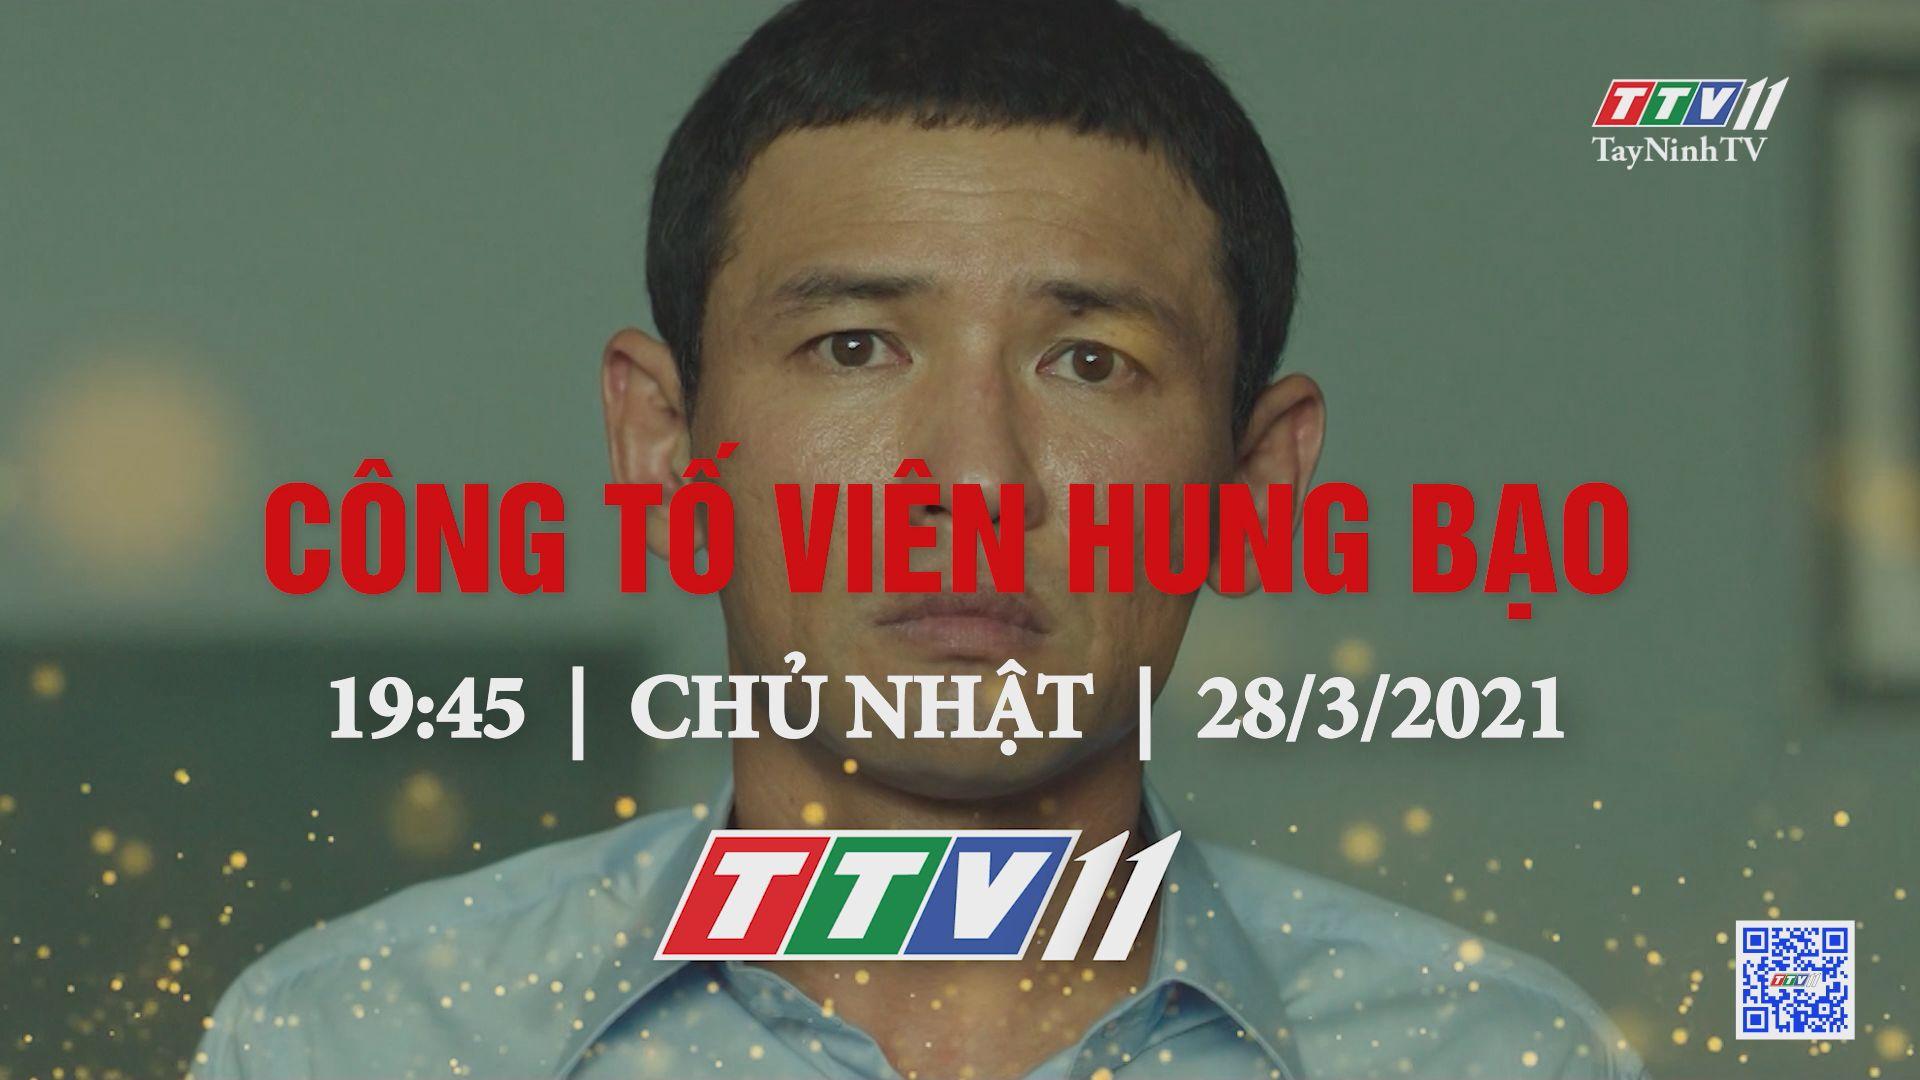 Công tố viên hung bạo-Trailer | PHIM CUỐI TUẦN | TayNinhTV